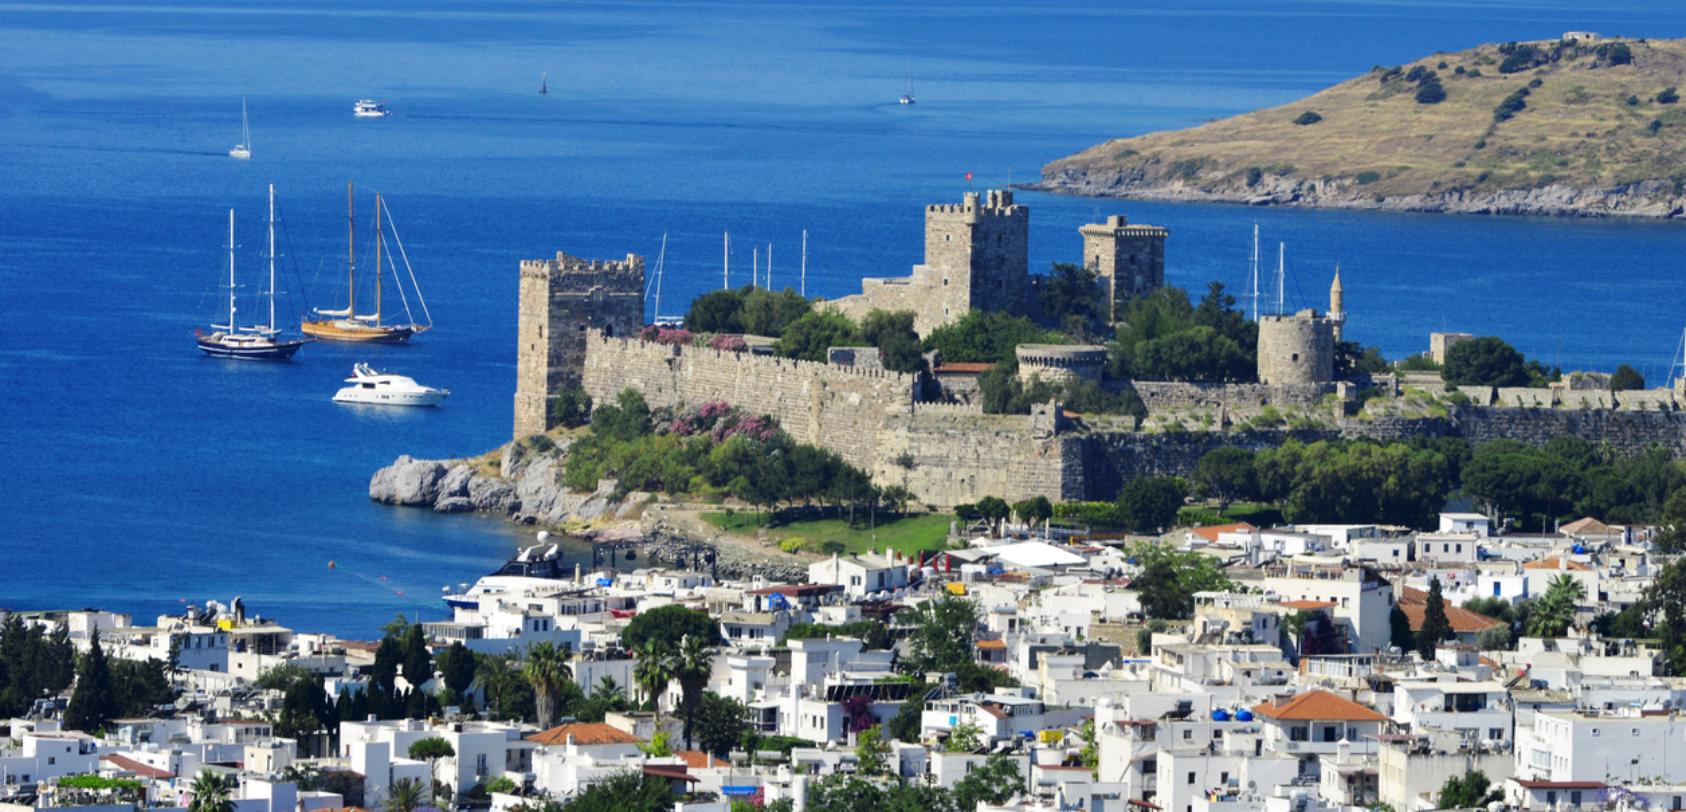 Yazlık bölgelerdeki arsa ve arazilerdeki değer artışı Türkiye ortalamasını katladı